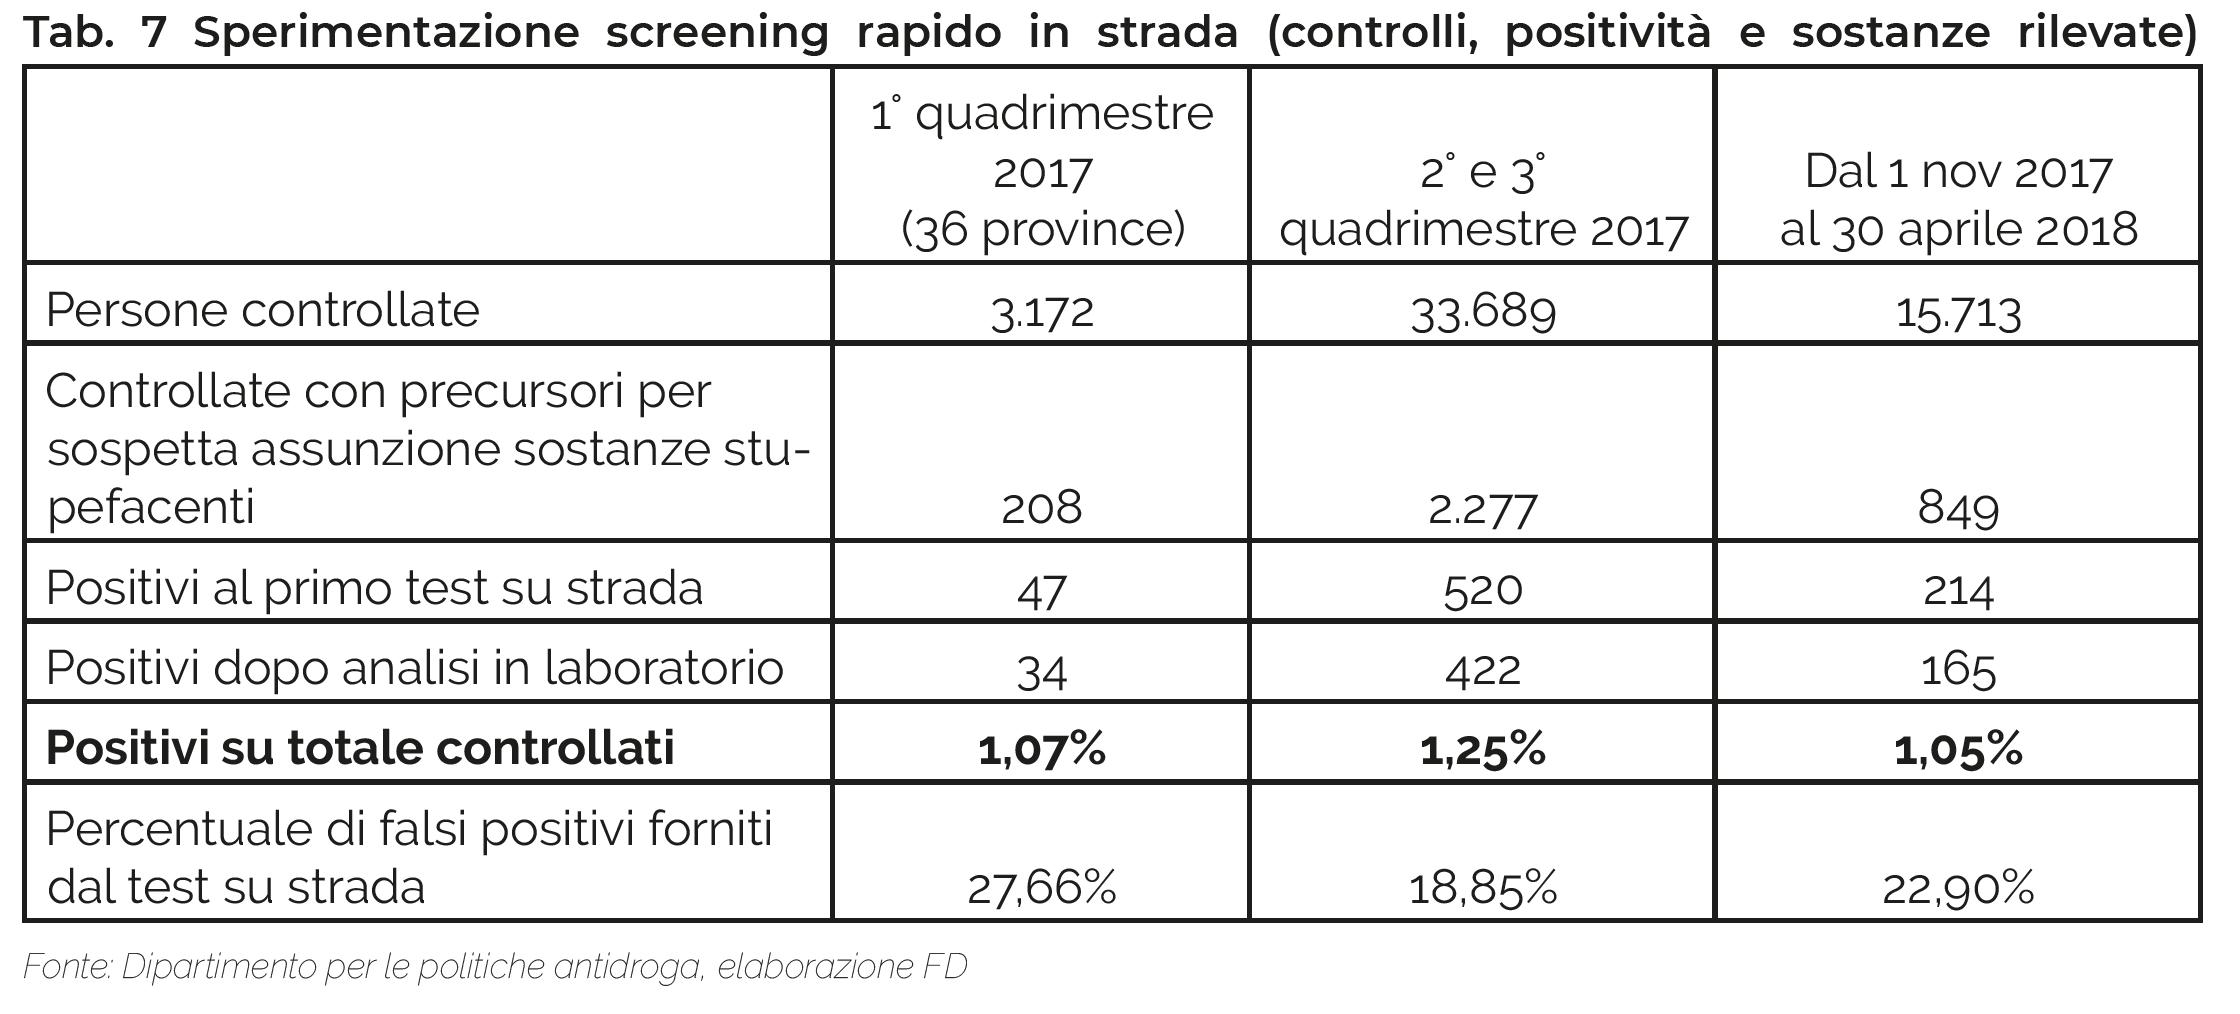 Tab. 7 Sperimentazione screening rapido in strada (controlli, positività e sostanze rilevate)  1° quadrimestre 2017